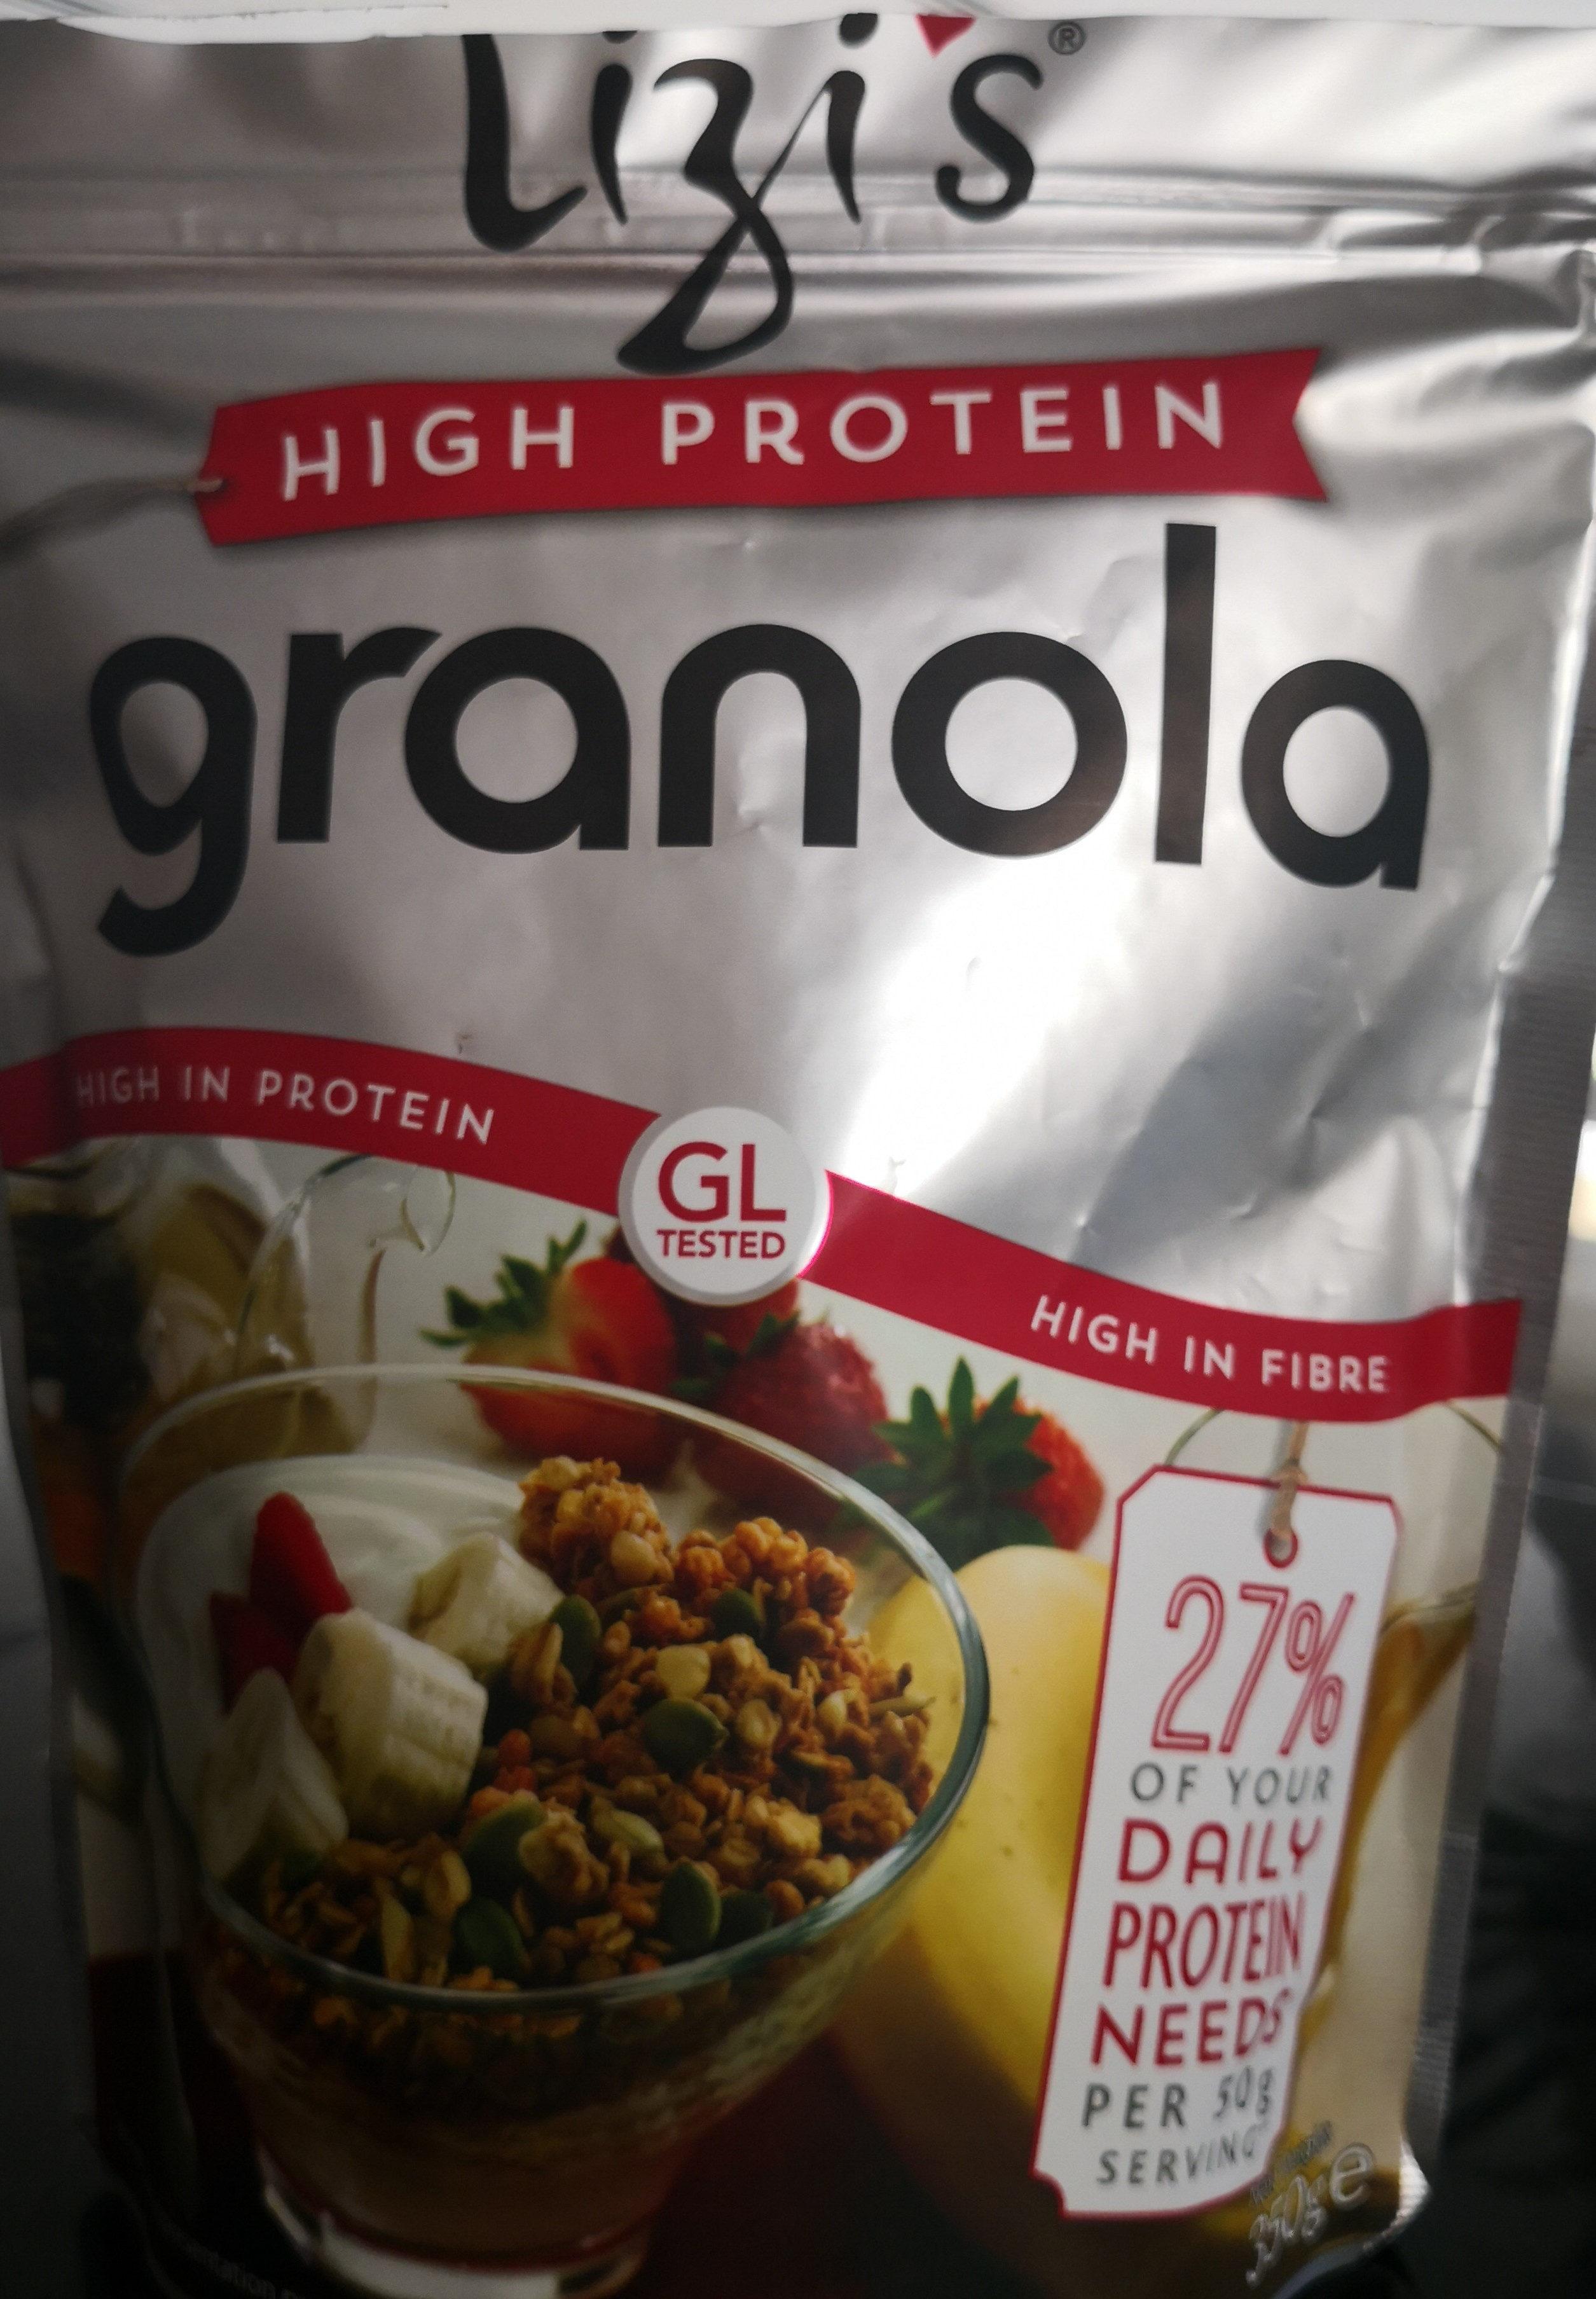 High Protein Granola - Produit